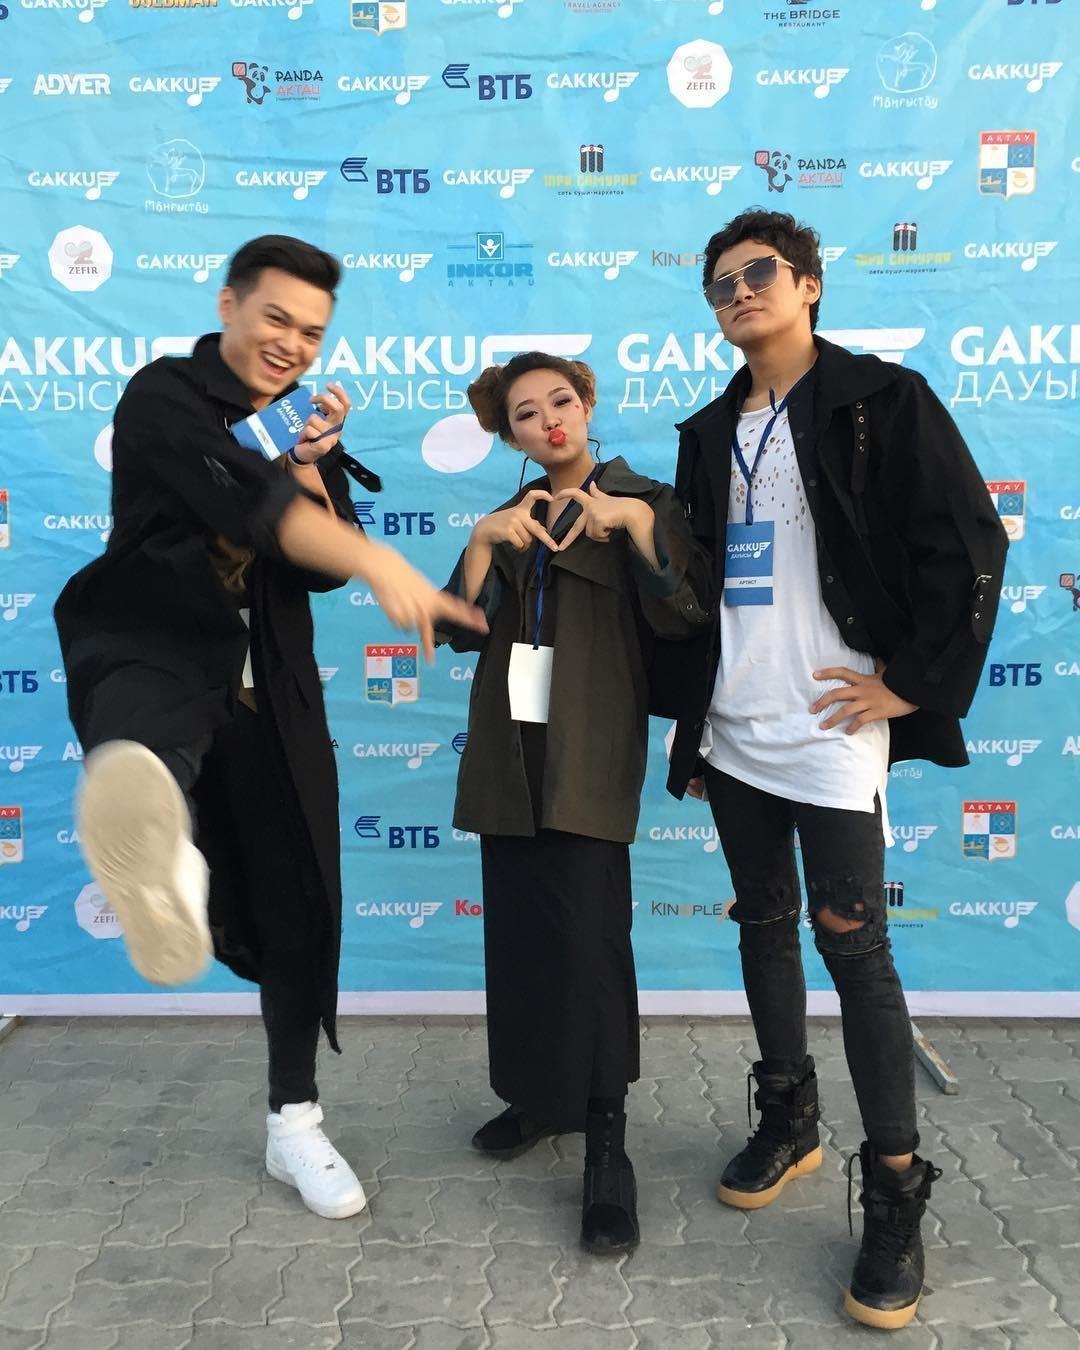 GAKKU Дауысы 2017: Каким он был в Актау (Видео), фото-1